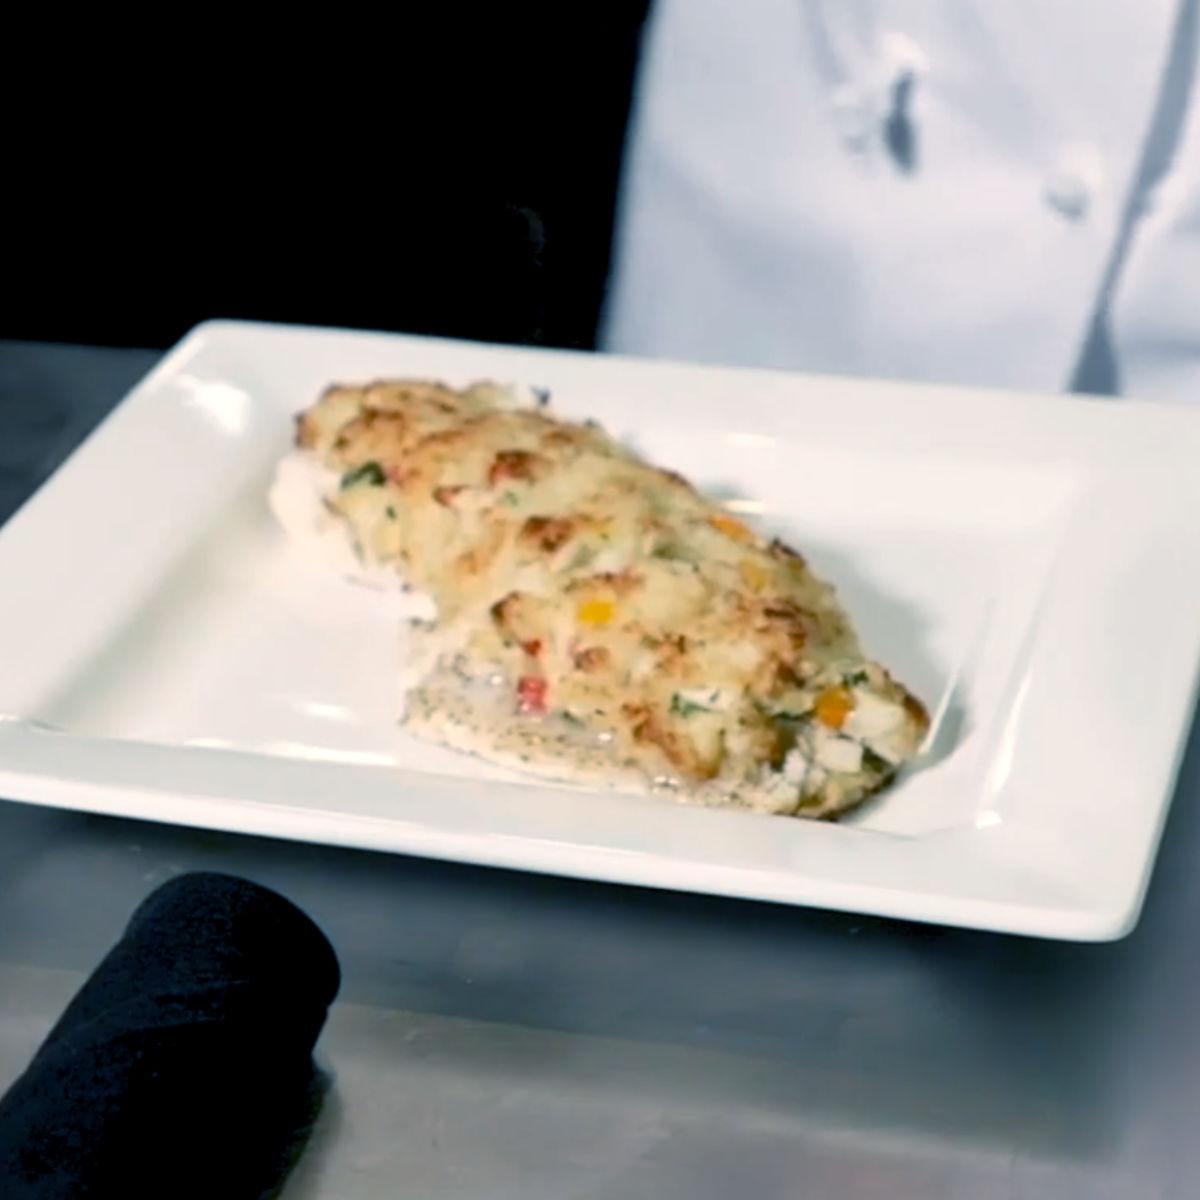 Episode 4 - Crab Stuffed Haddock